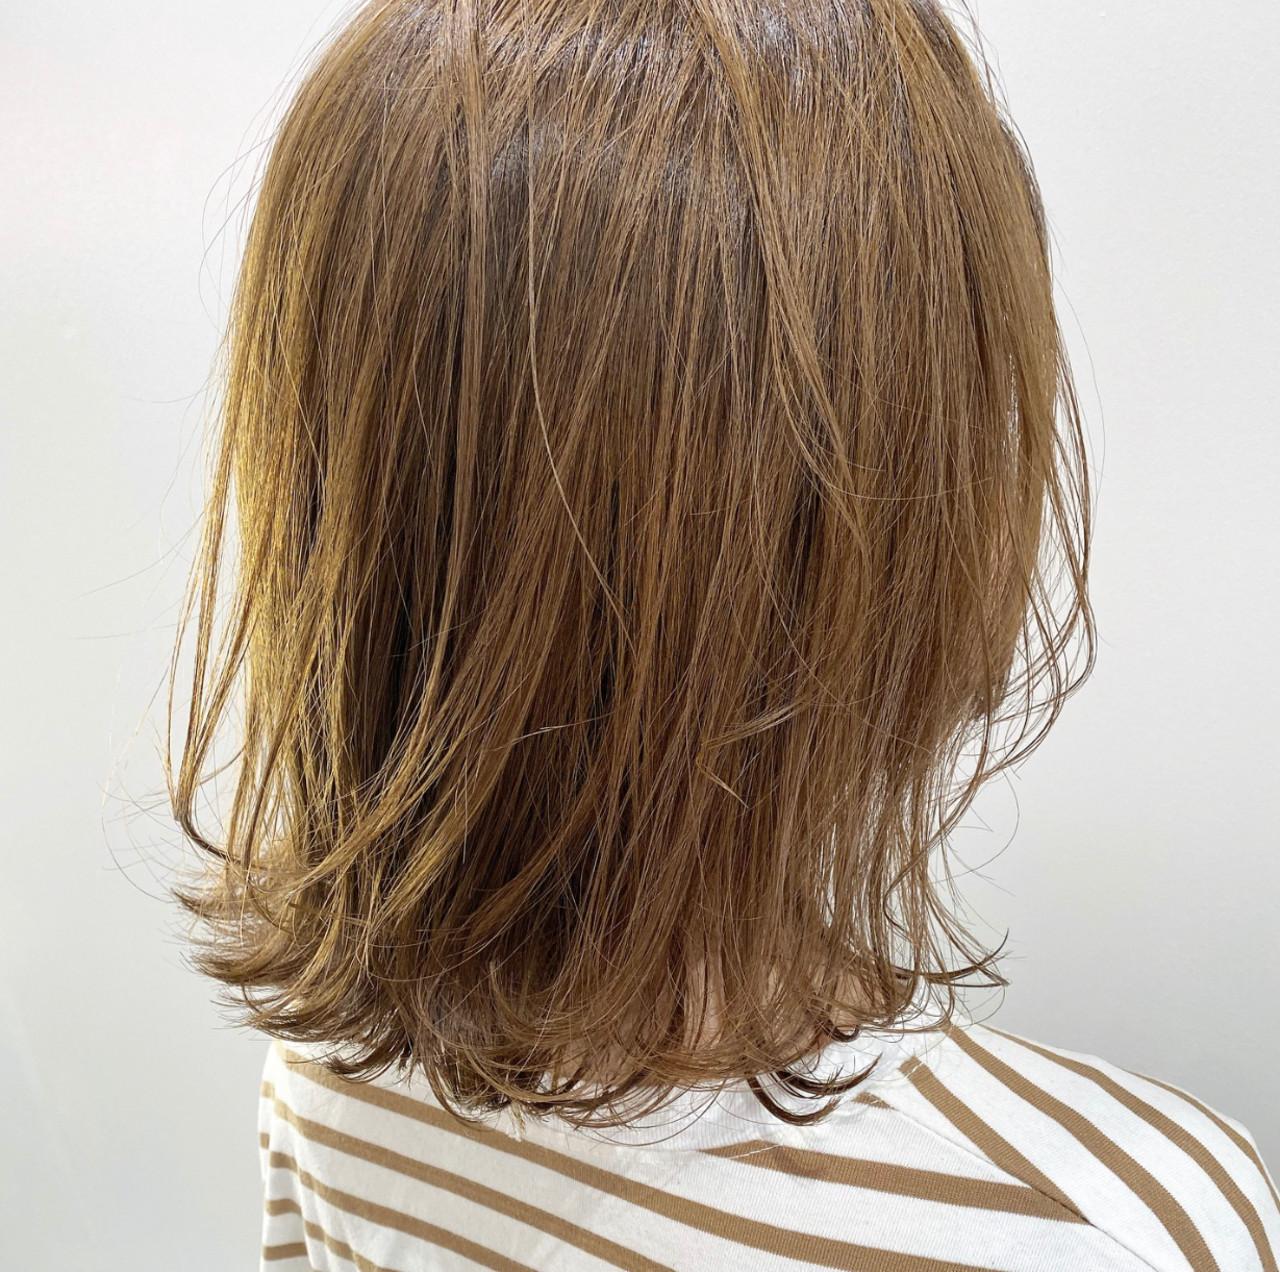 ミルクティーベージュ モテボブ ブリーチカラー ナチュラル ヘアスタイルや髪型の写真・画像